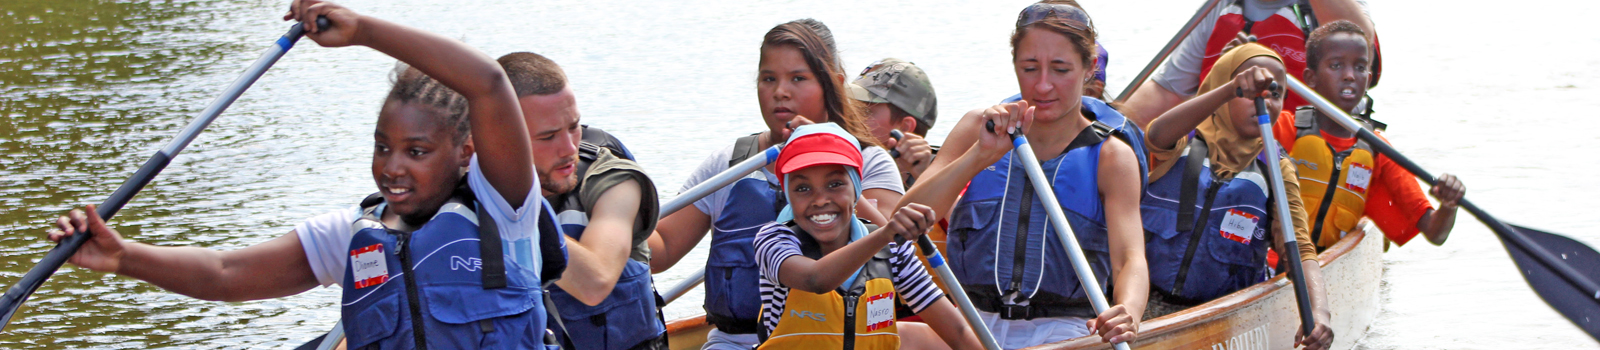 canoe banner.jpg